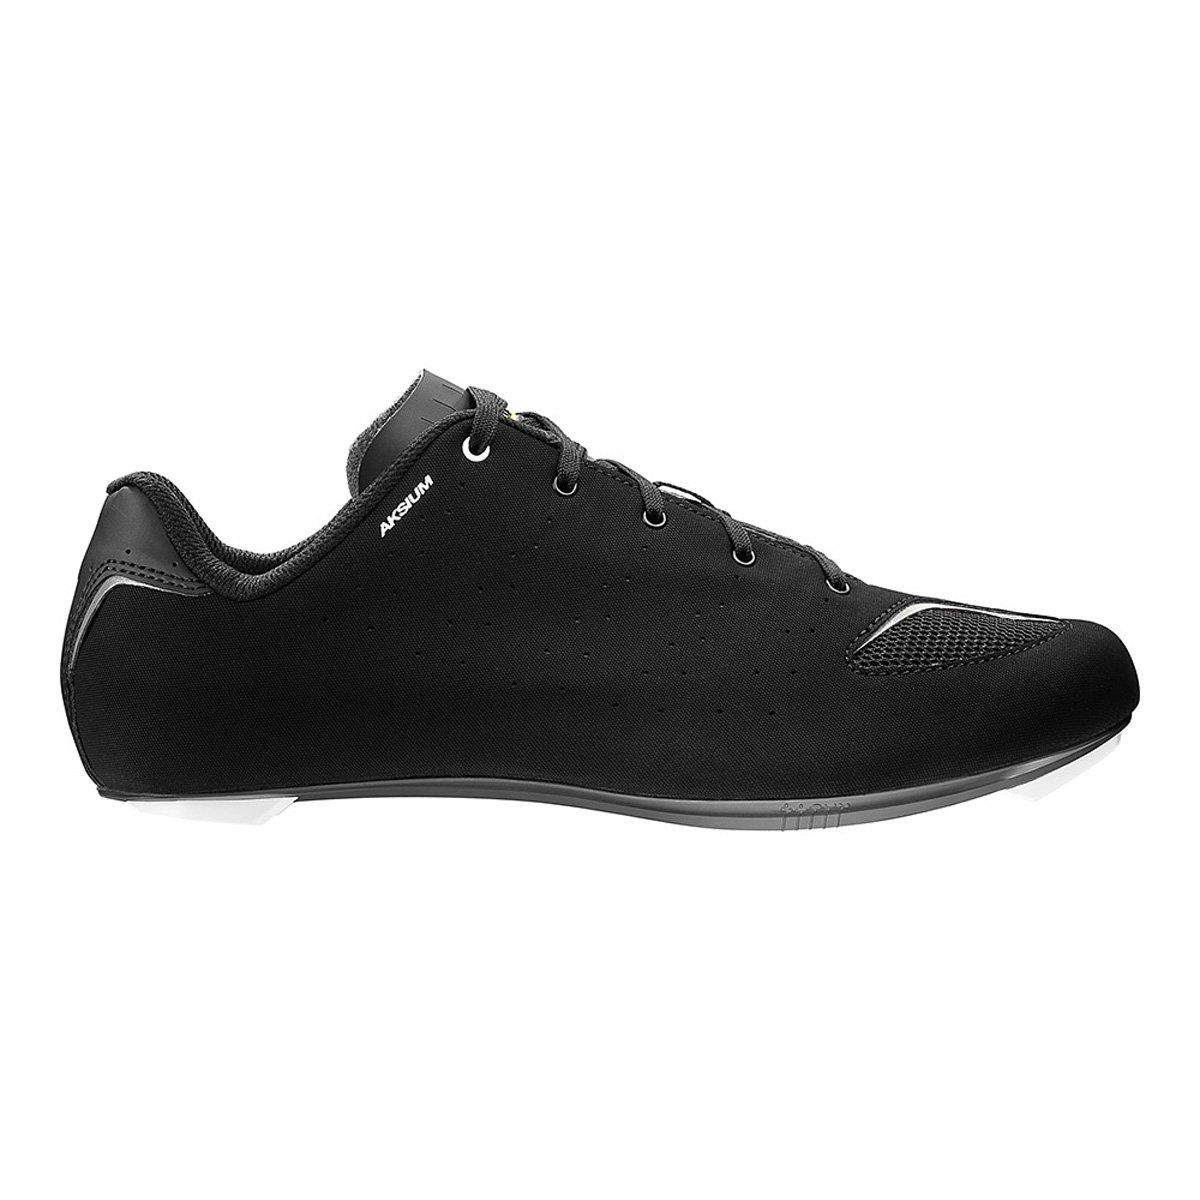 Mavic Aksium III Rennrad Fahrrad Schuhe schwarz 2019  Größe  42.5